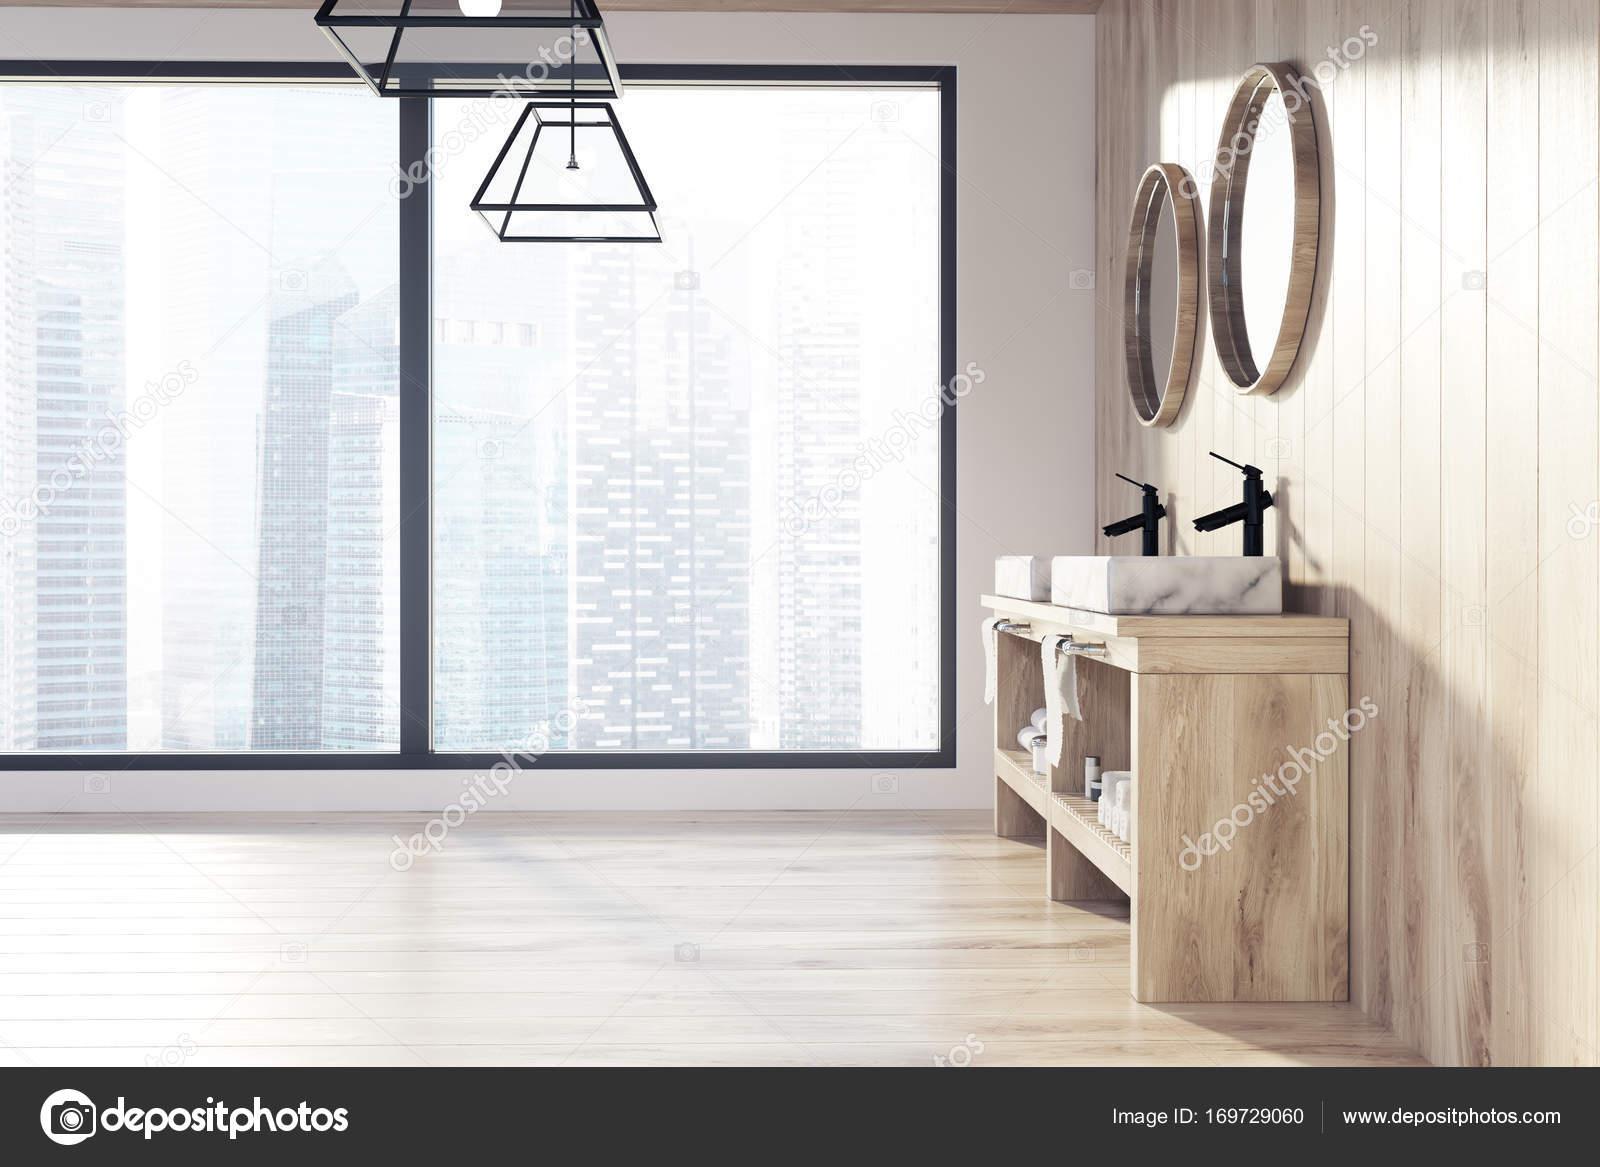 Dachboden aus Holz Bad, Doppelwaschbecken — Stockfoto ...